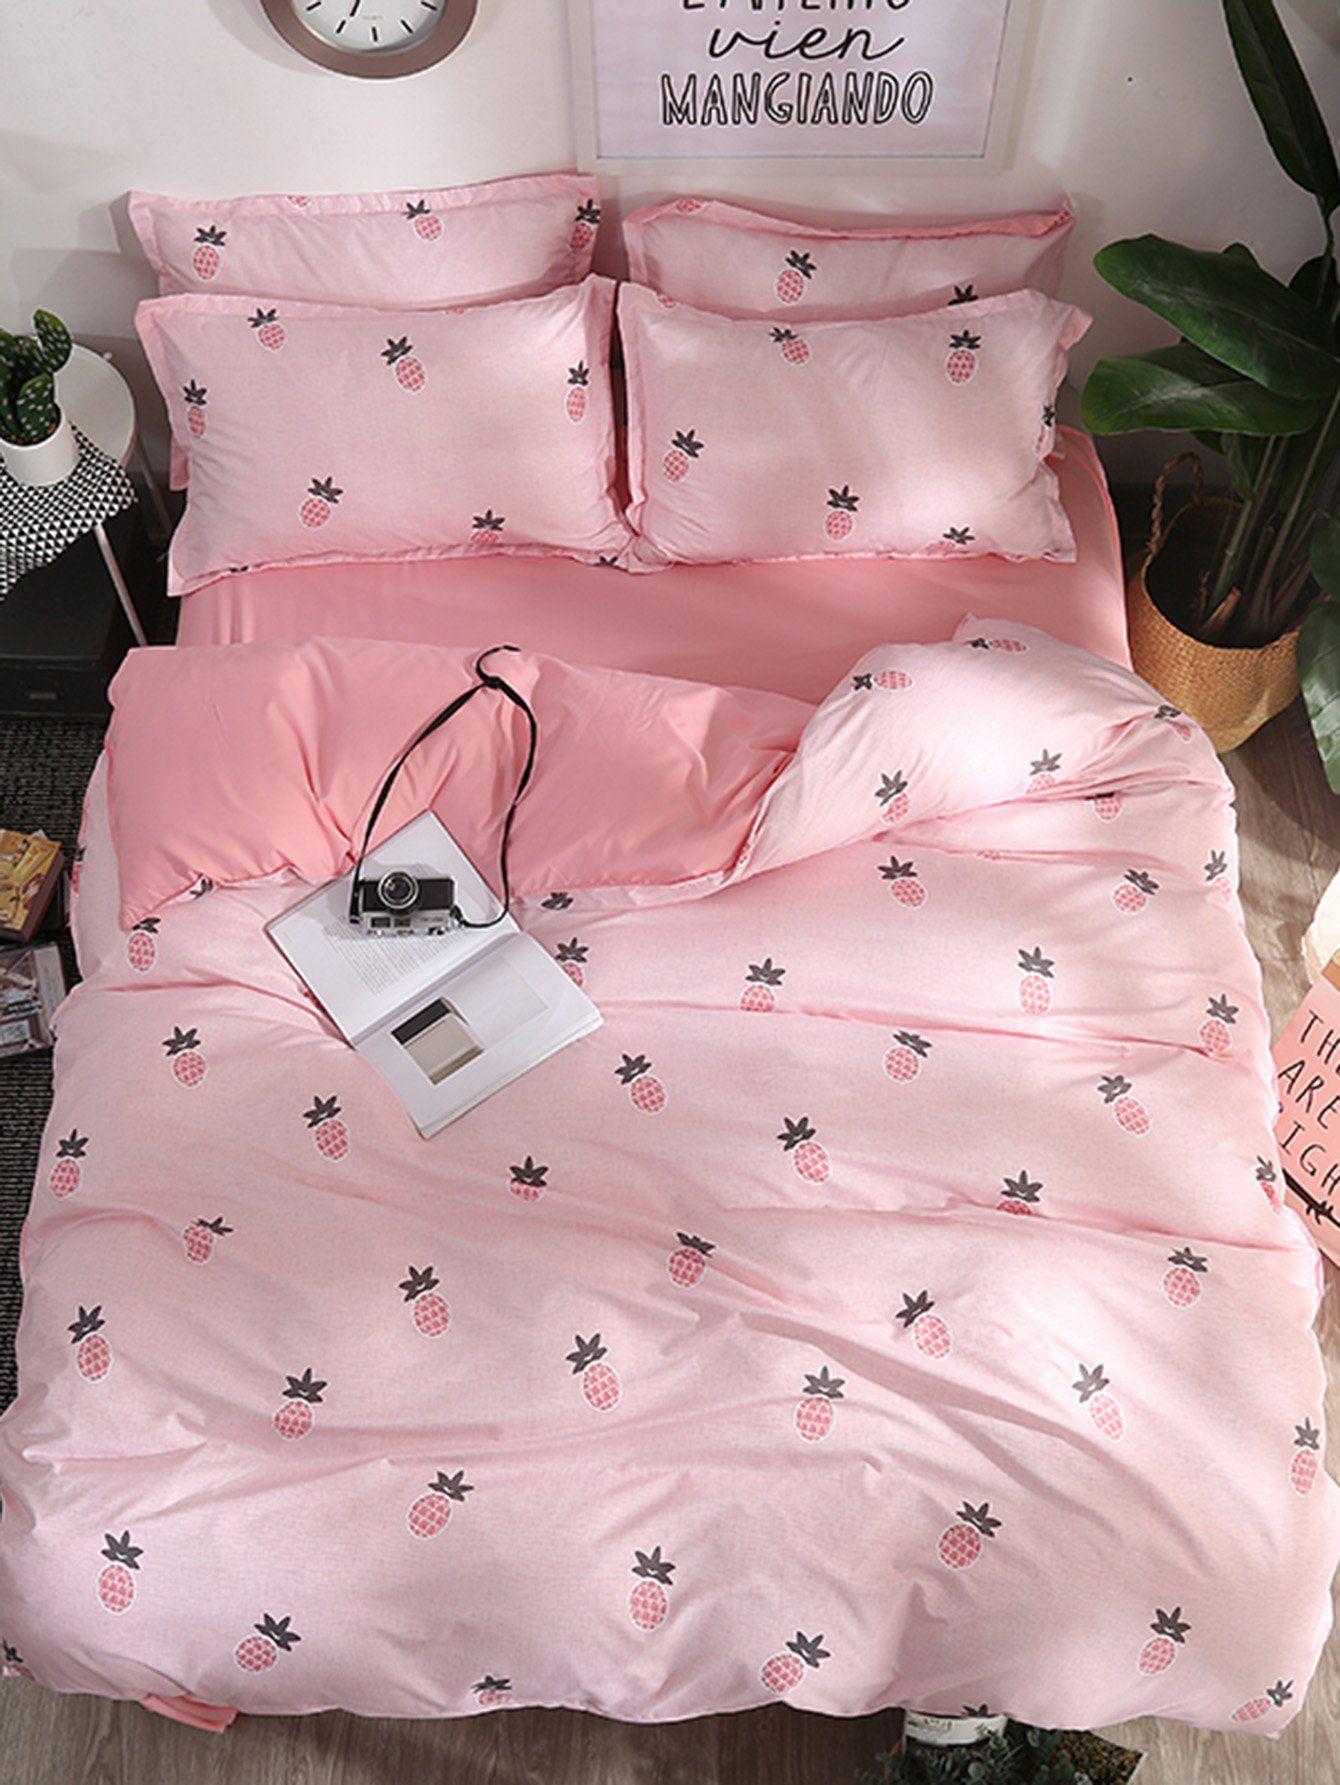 Aesthetic Comforter Set Queen